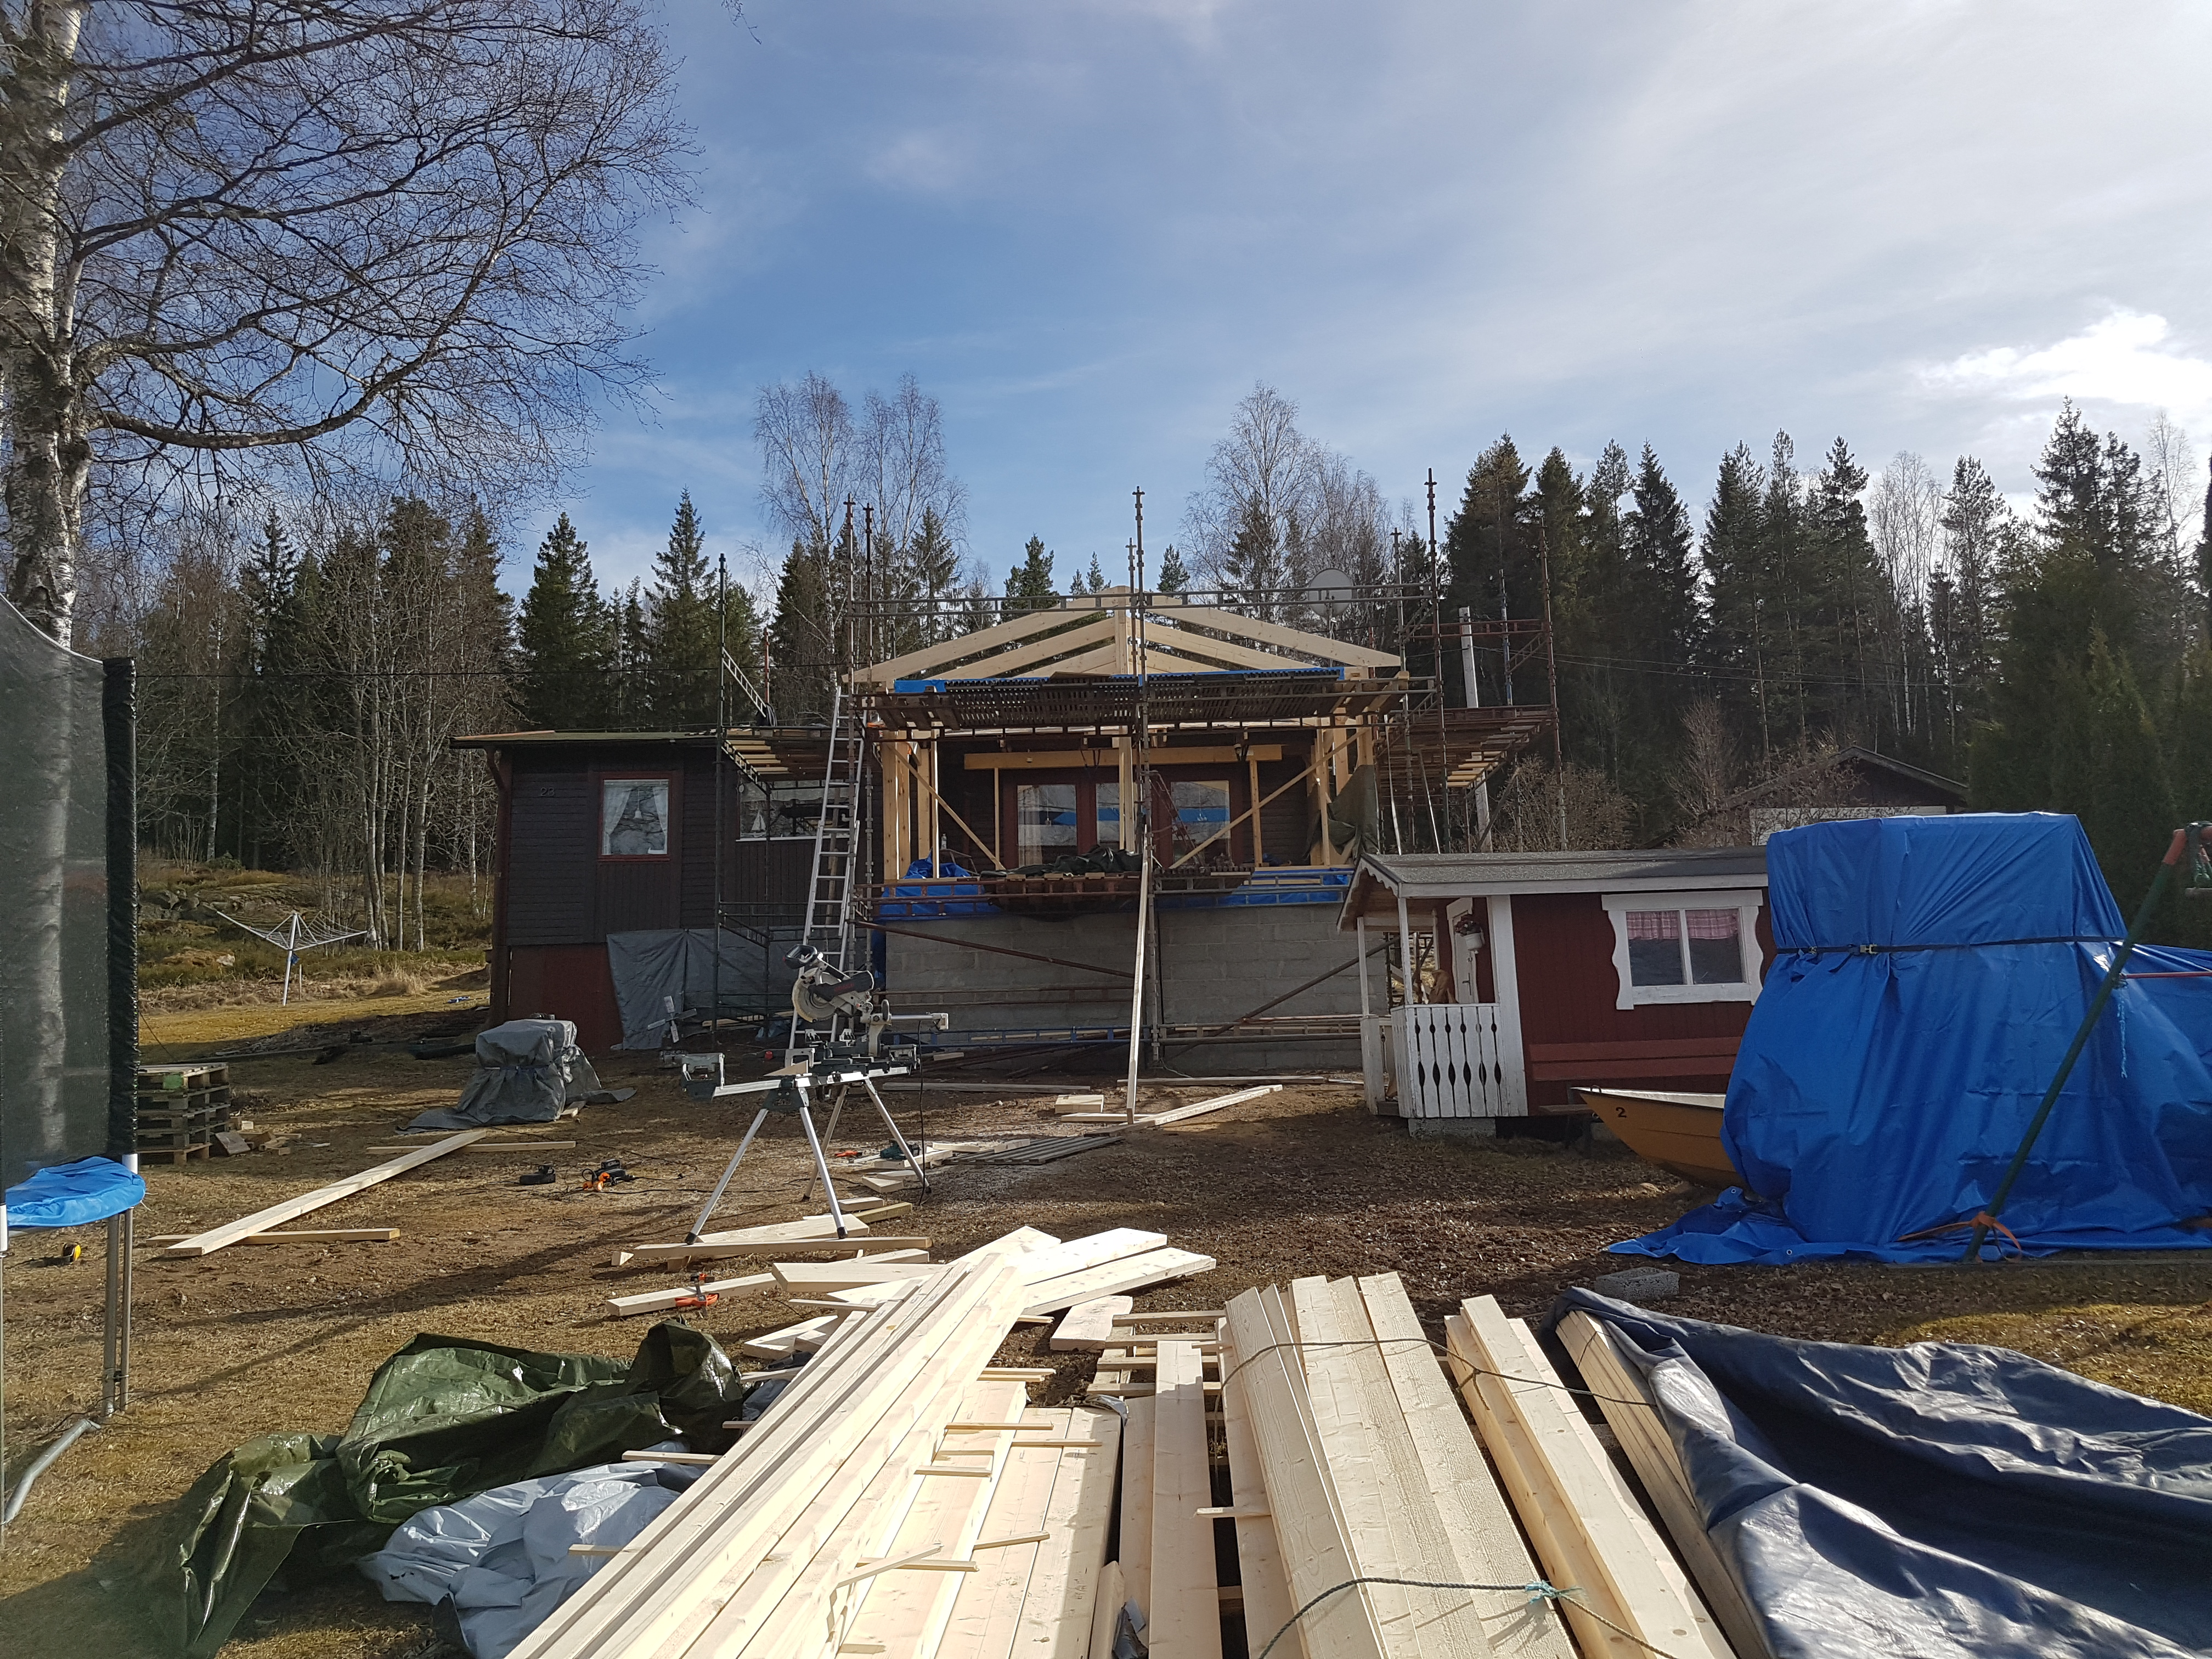 """Referensjobb """"Utbygge sommarstuga 4"""" utfört av Skiveds Bygg & Montage"""